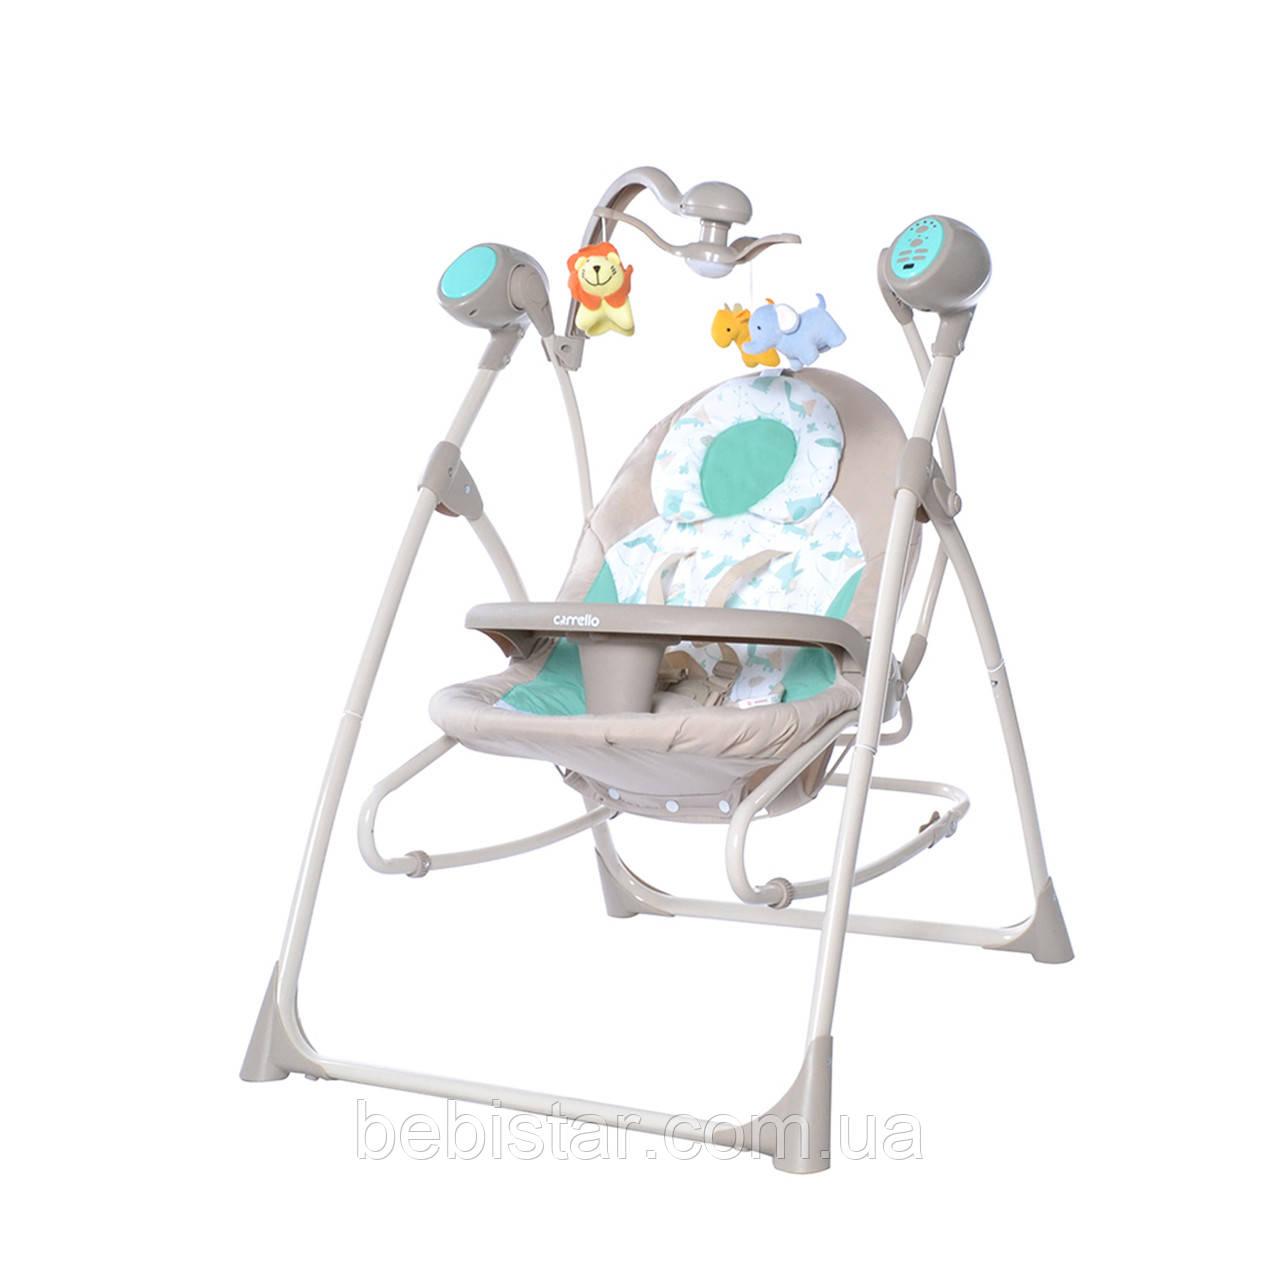 Крісло-гойдалка шезлонг 3в1 м'ятно-бежева Carrello Nanny пульт знімний столик вкладиш обертаються іграшки